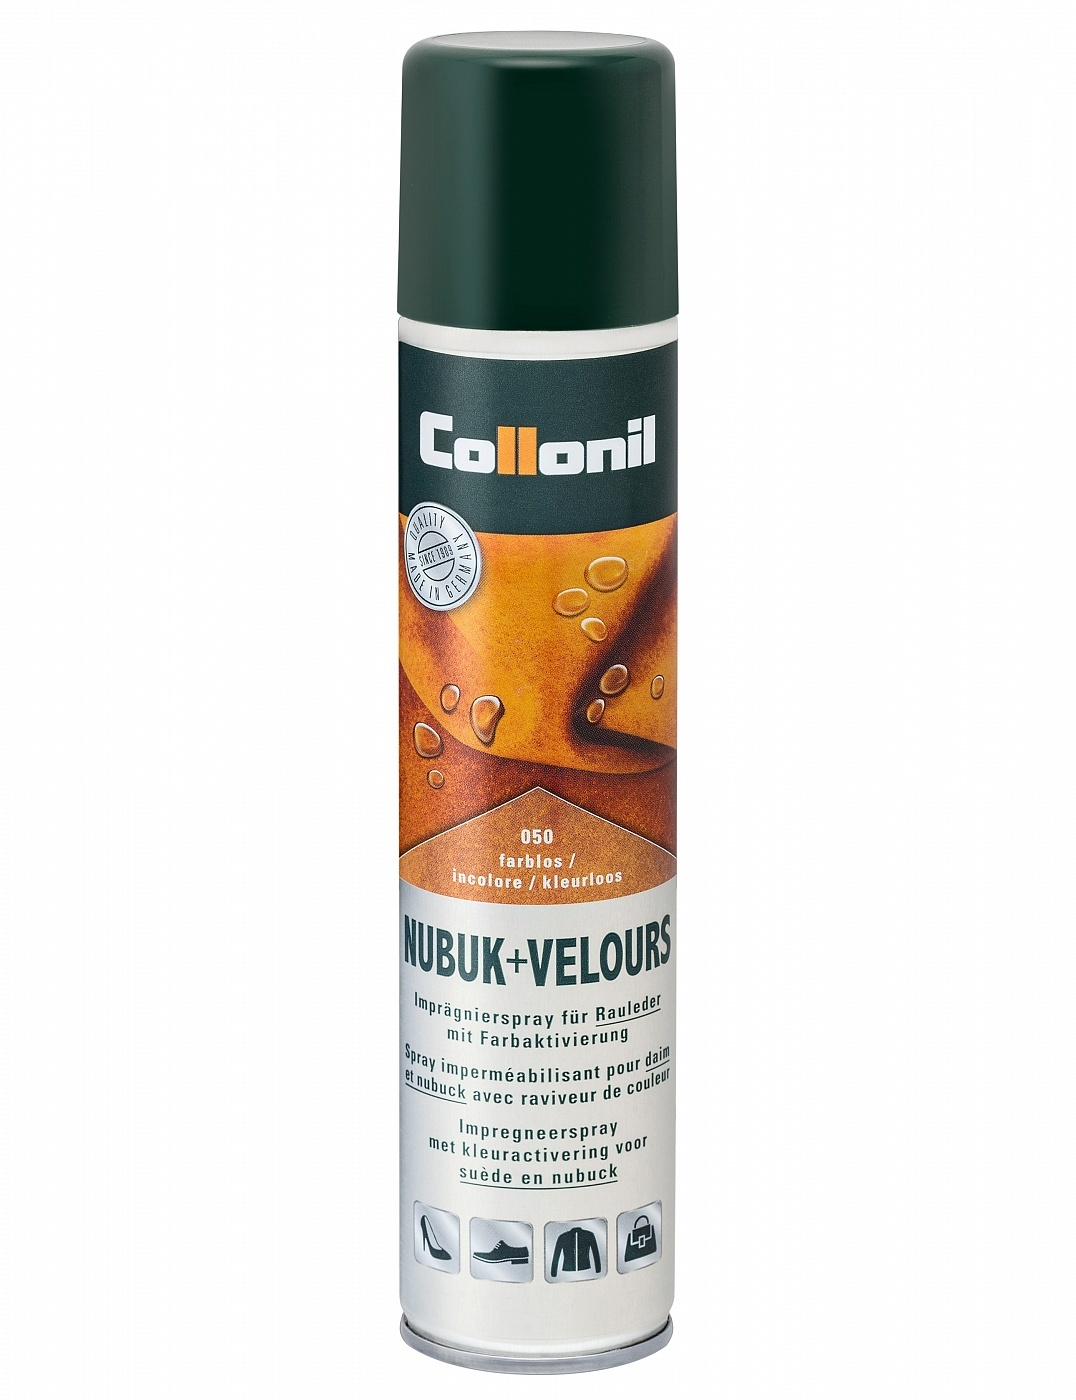 COLLONIL Nubuk-Velours Spray, универсальный спрей для ворсовых видов кож, 200 мл